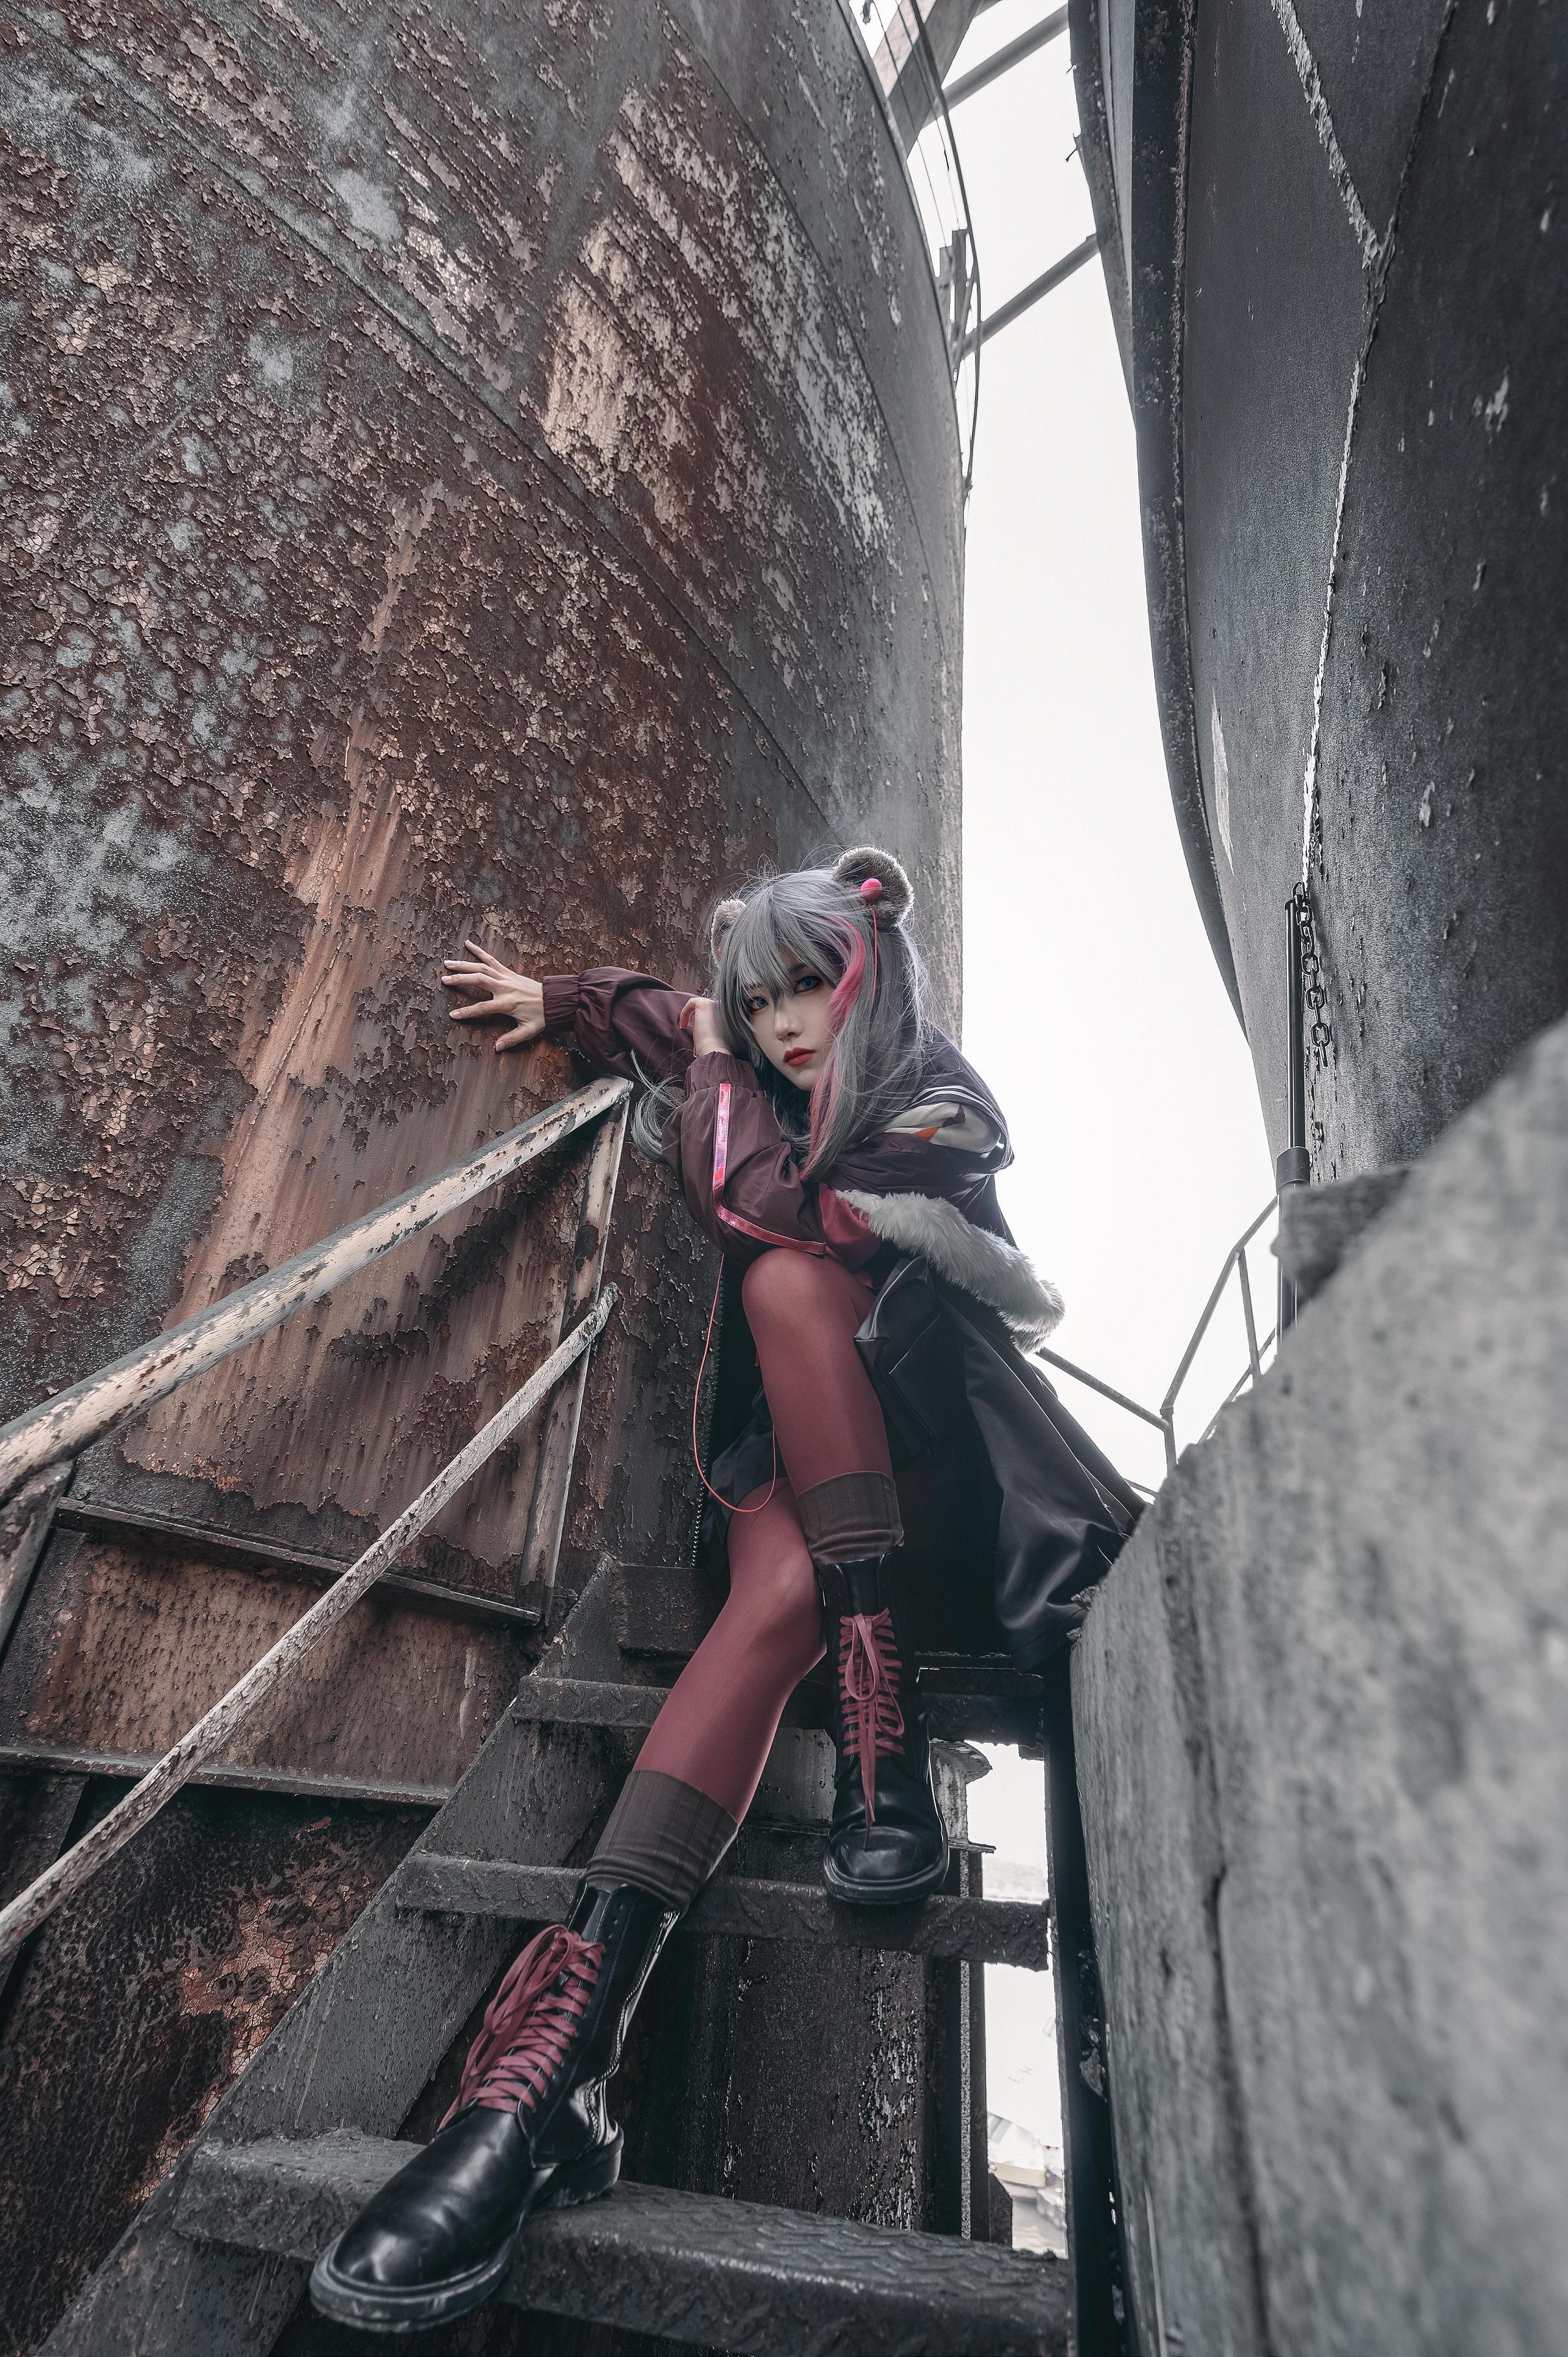 《明日方舟》正片cosplay【CN:小青姑娘闭关修炼中】-第11张